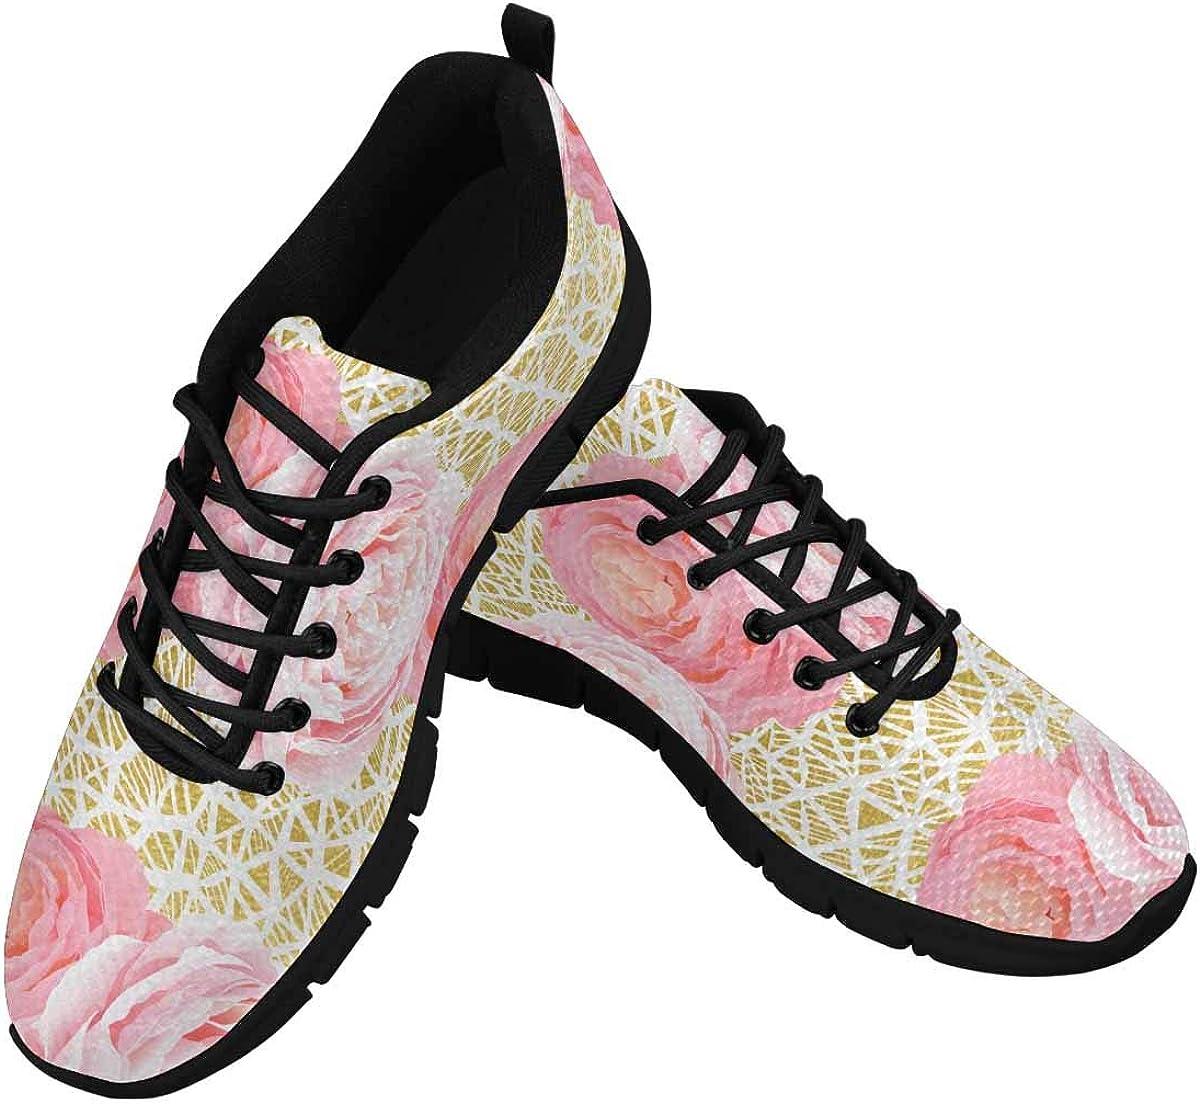 INTERESTPRINT Elegance Light Pink Roses Women's Breathable Non Slip Sneakers